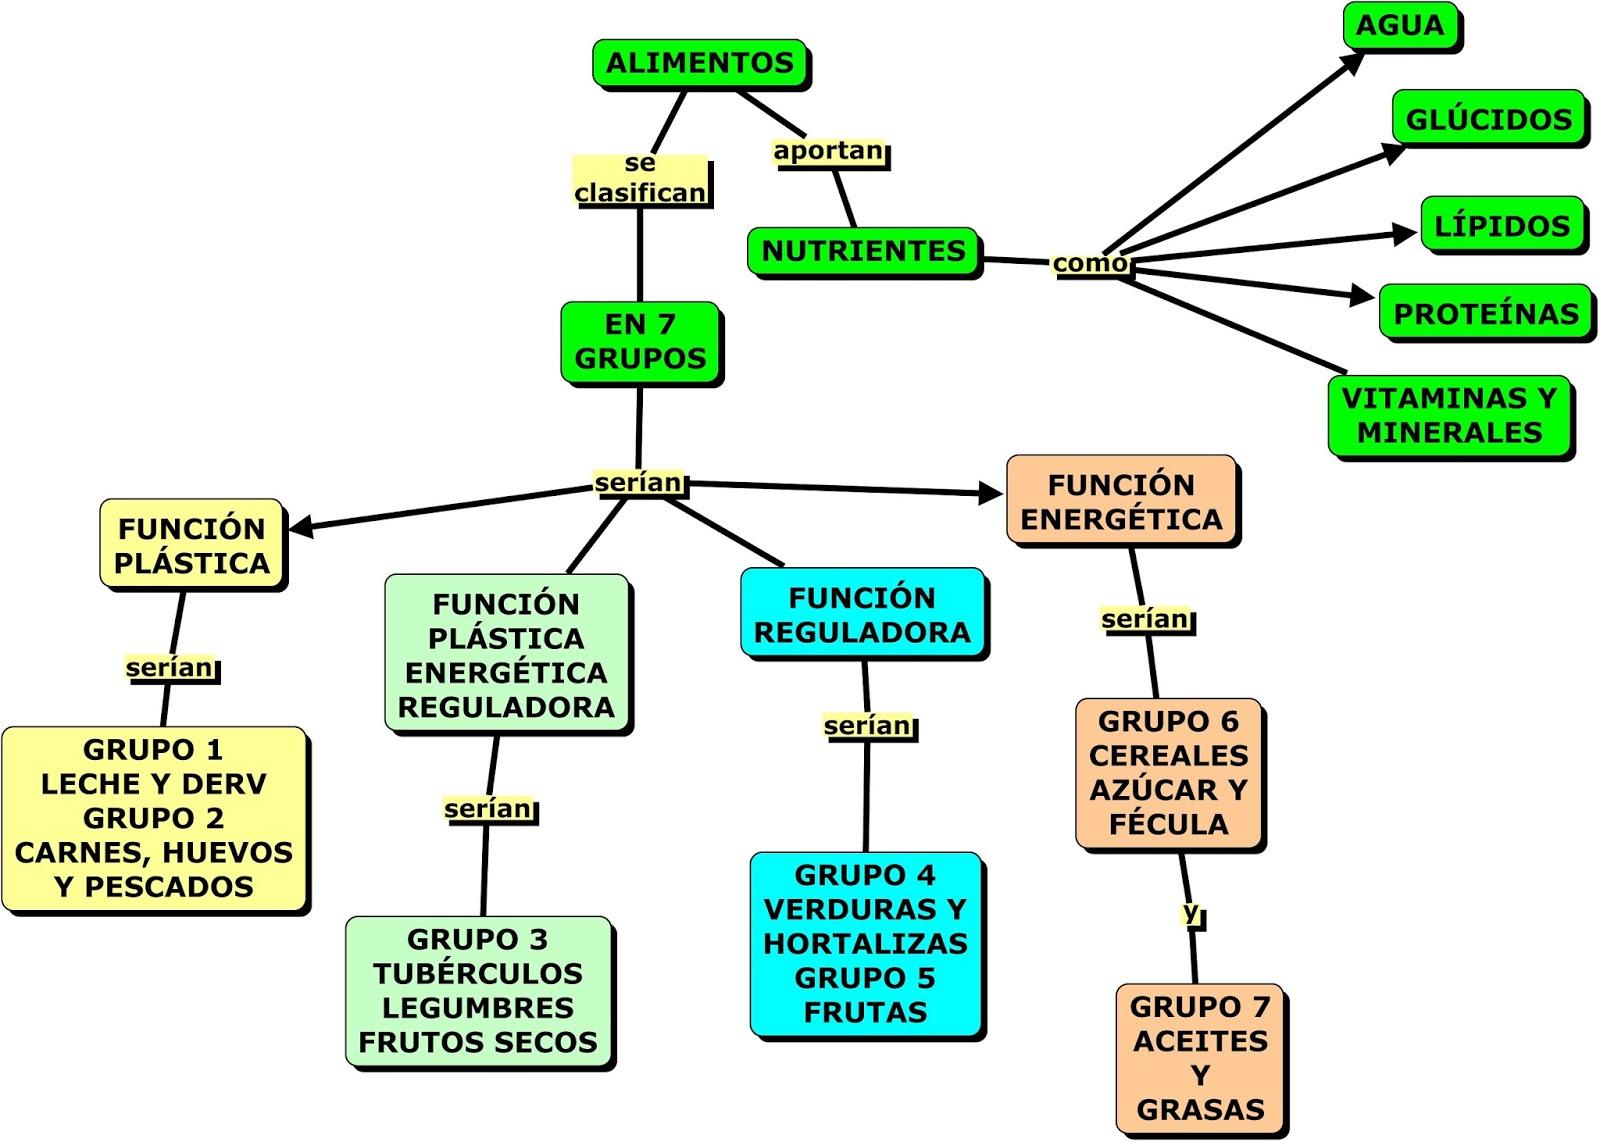 Clasificacion de los alimentos segun sus funciones